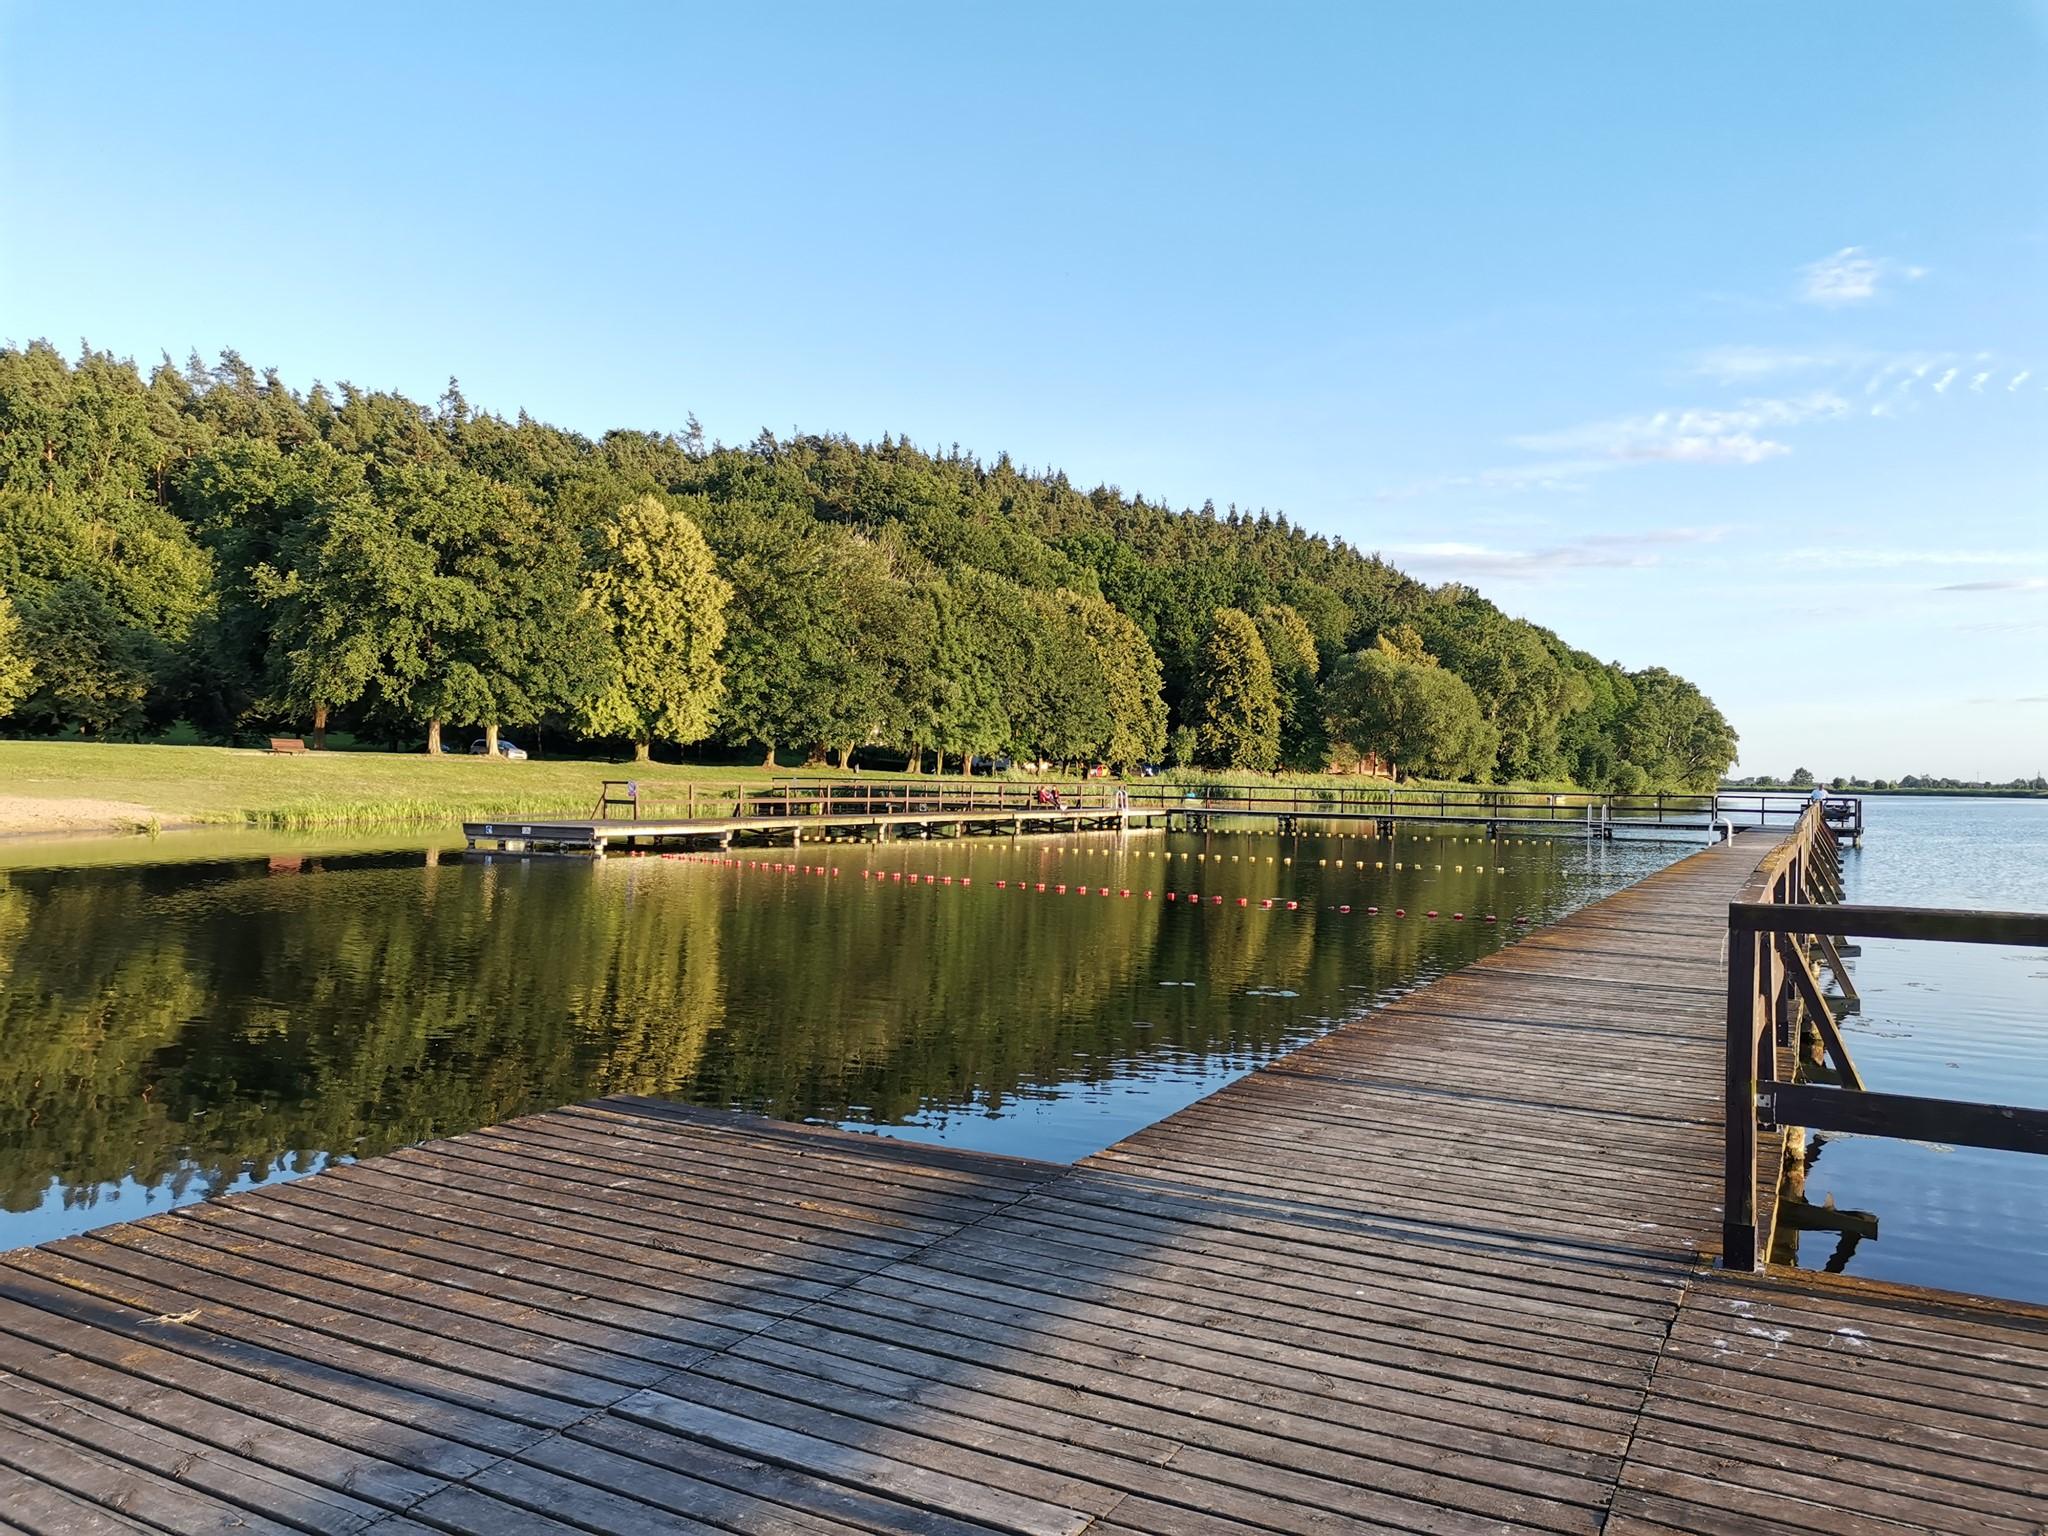 Zdjęcie - widok z pomostu Jeziora starogrodzkiego.